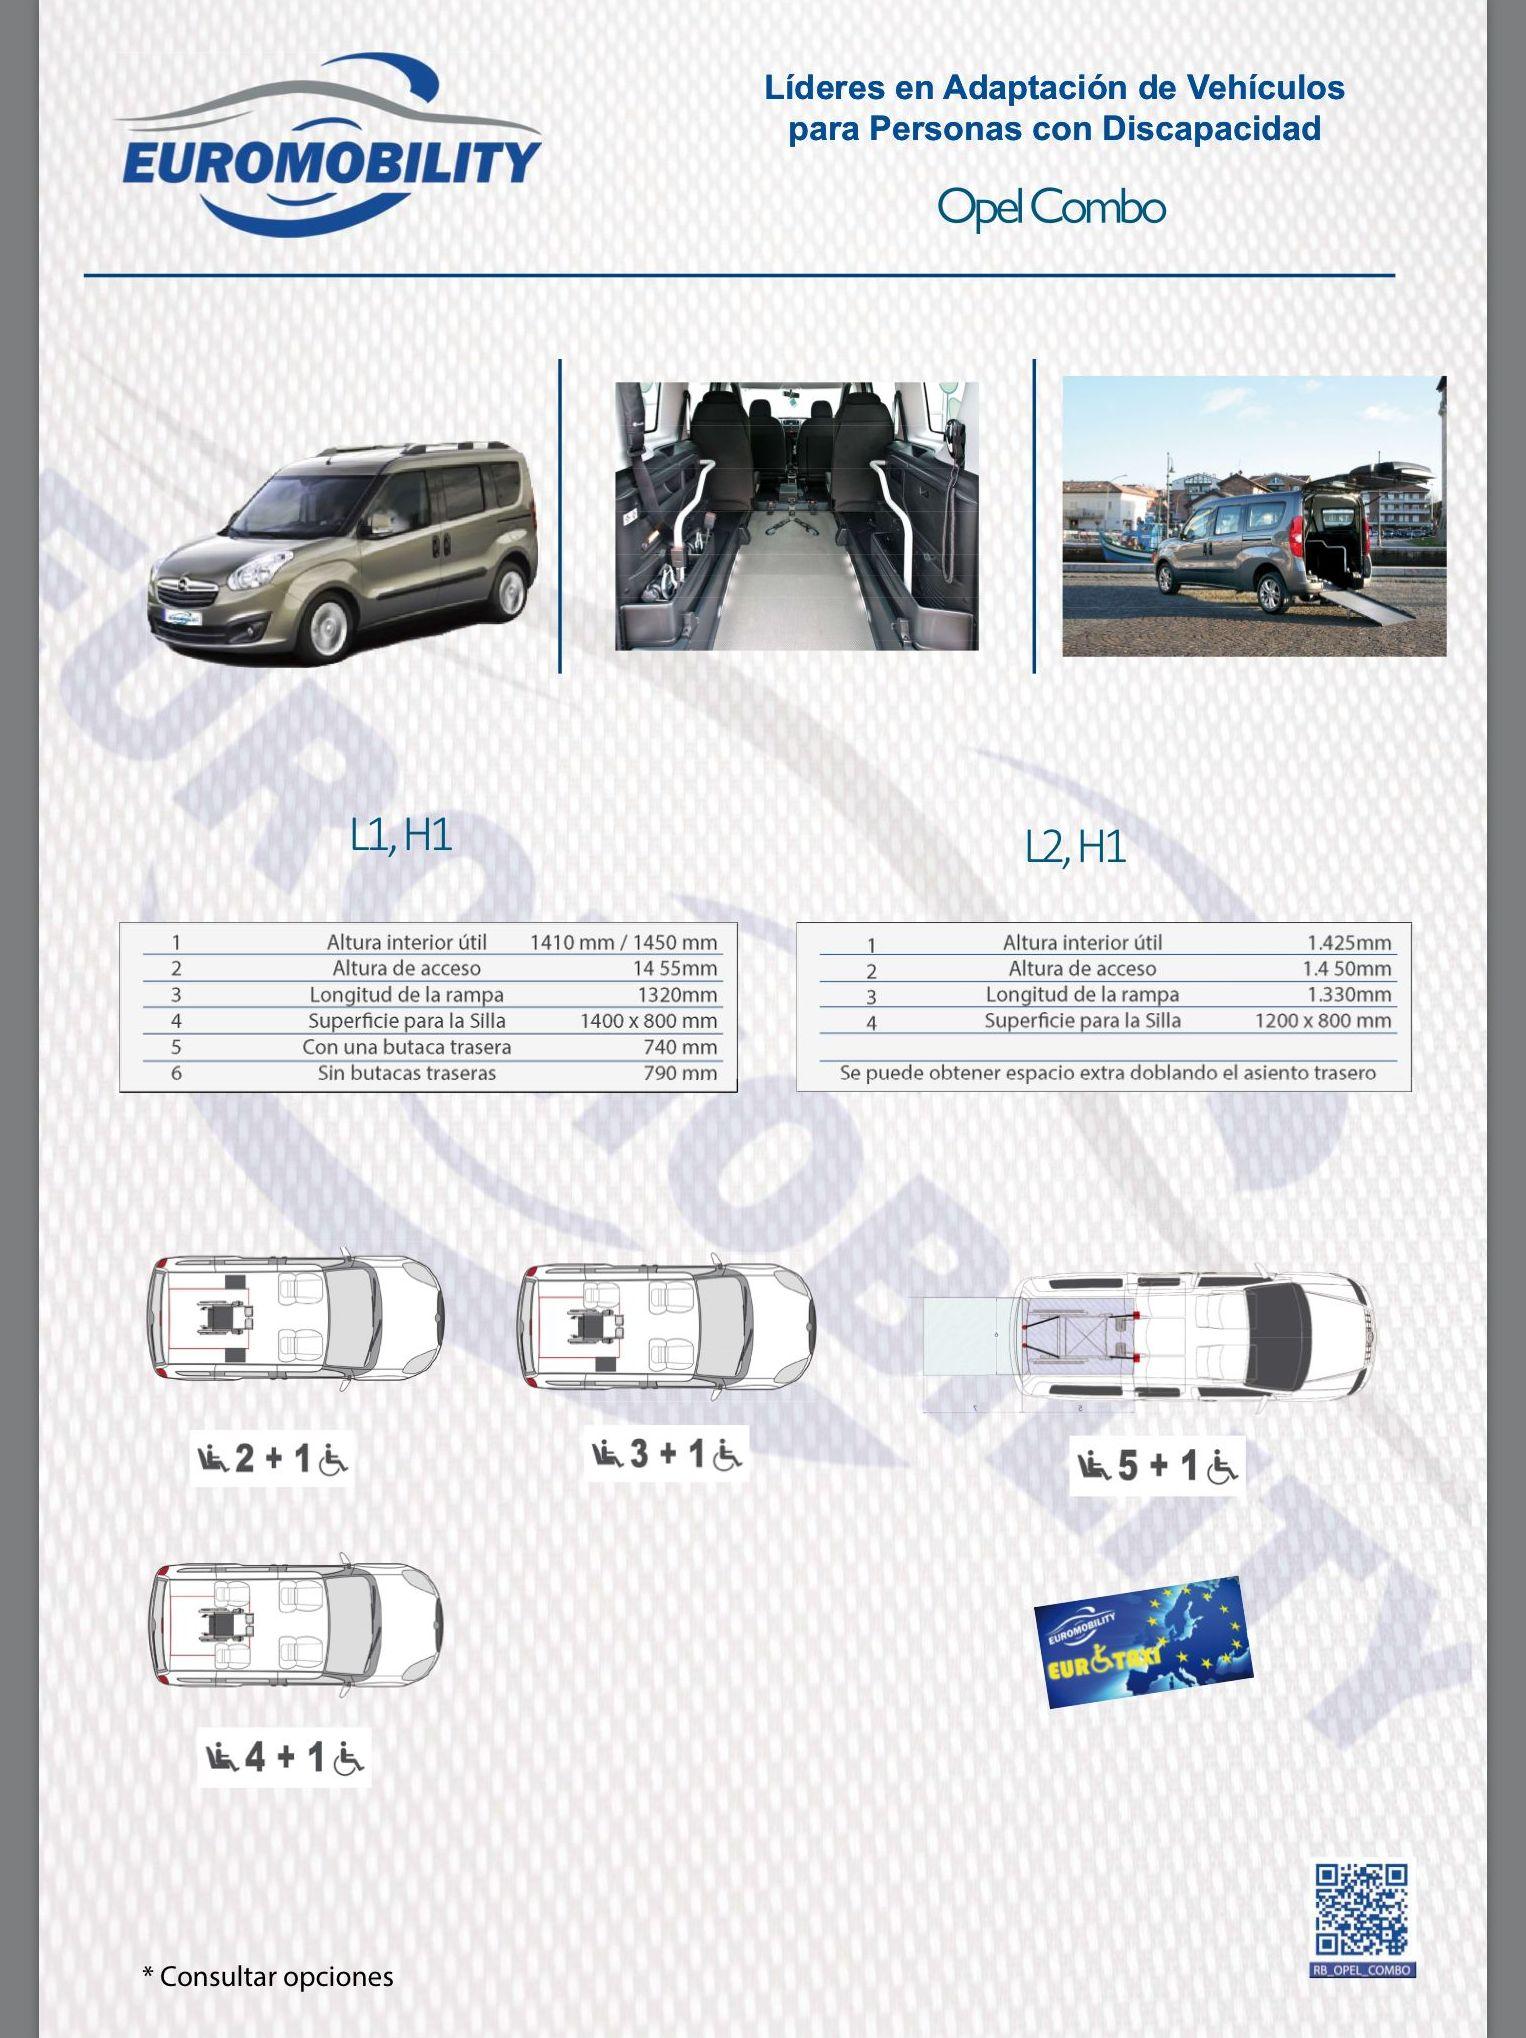 Rebaje de piso / Cajeado Opel Combo. Adaptación de vehiculos Mieres